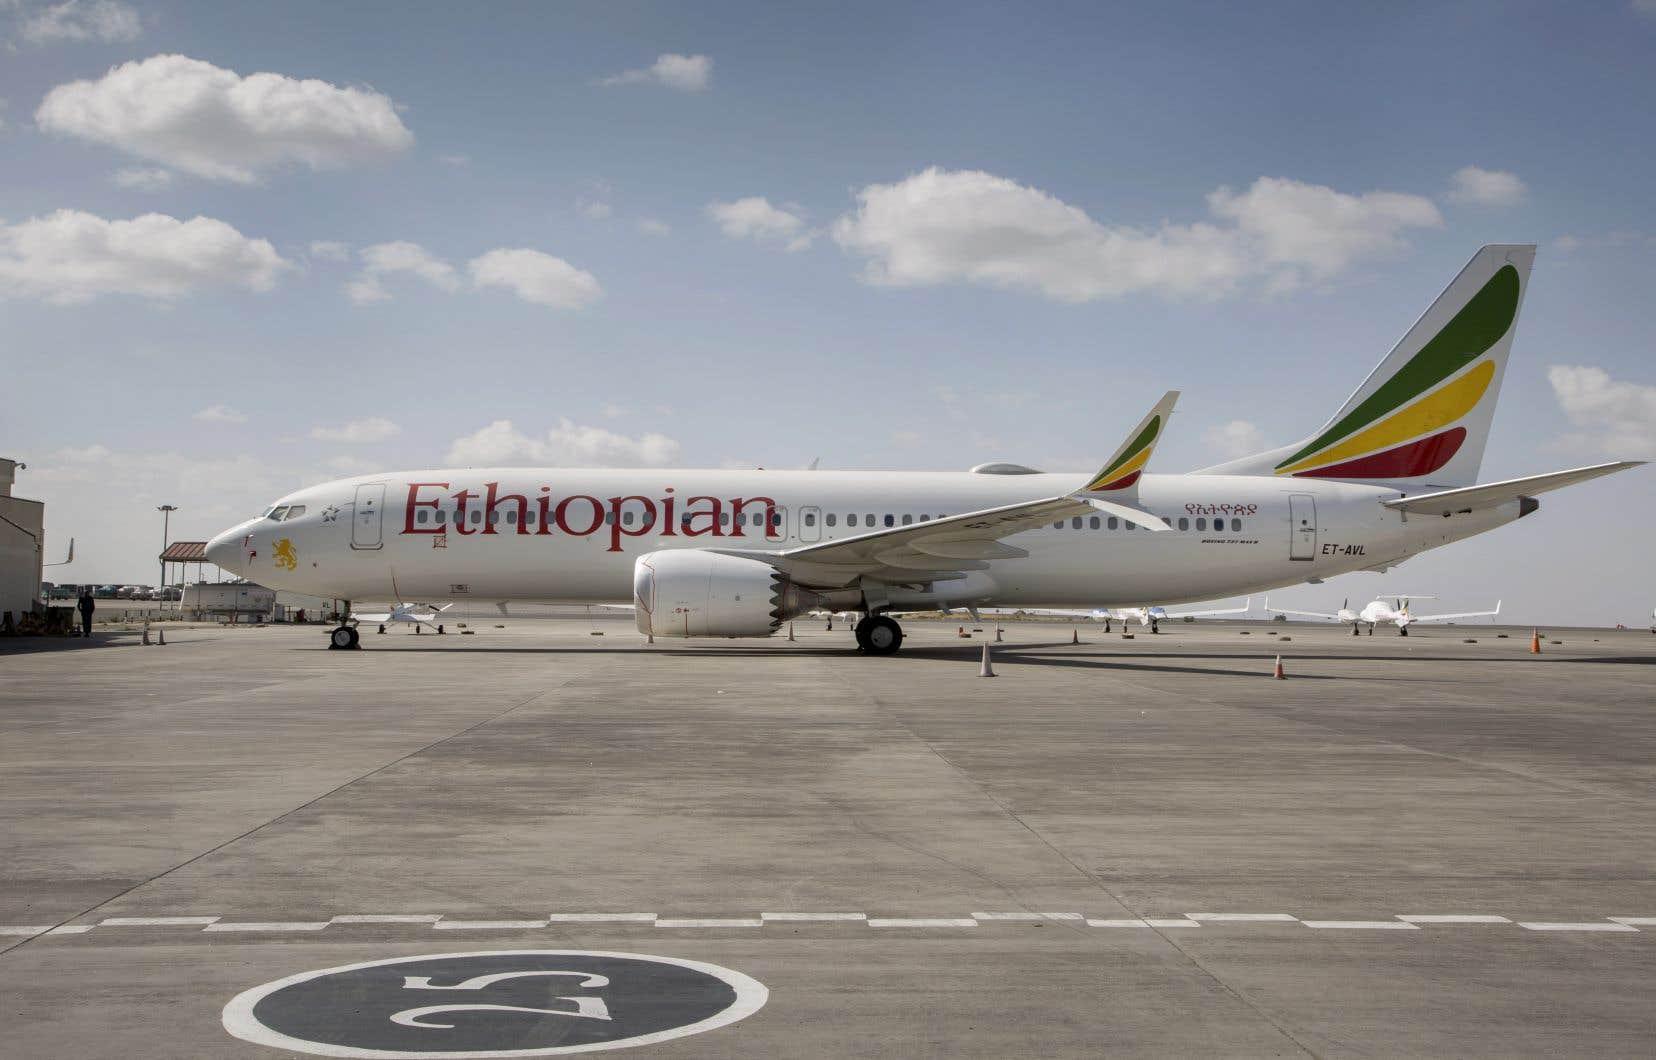 Un Boeing 737 MAX 8 d'Ethiopian Airlines stationné à l'aéroport international de Bole à Addis-Abeba, en Ethiopie, le samedi 23 mars 2019